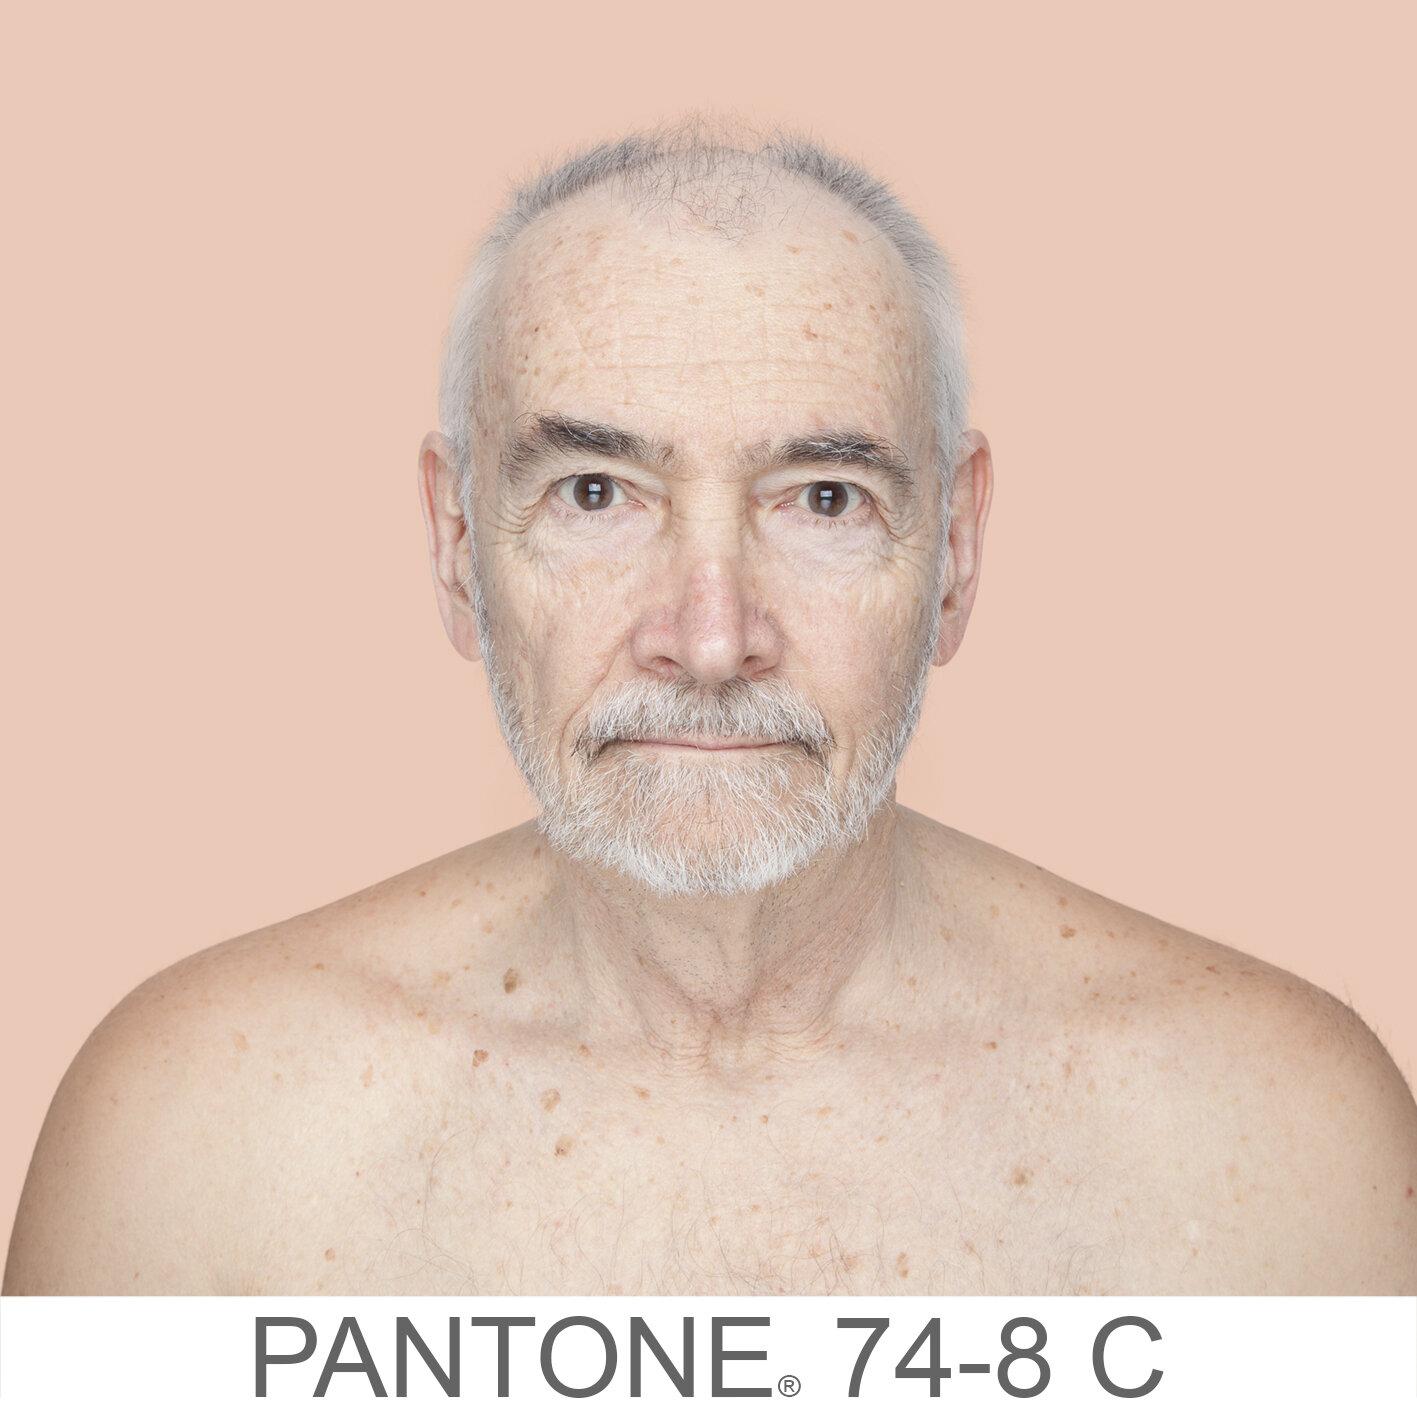 humanae 74-8 C4 copia.jpg